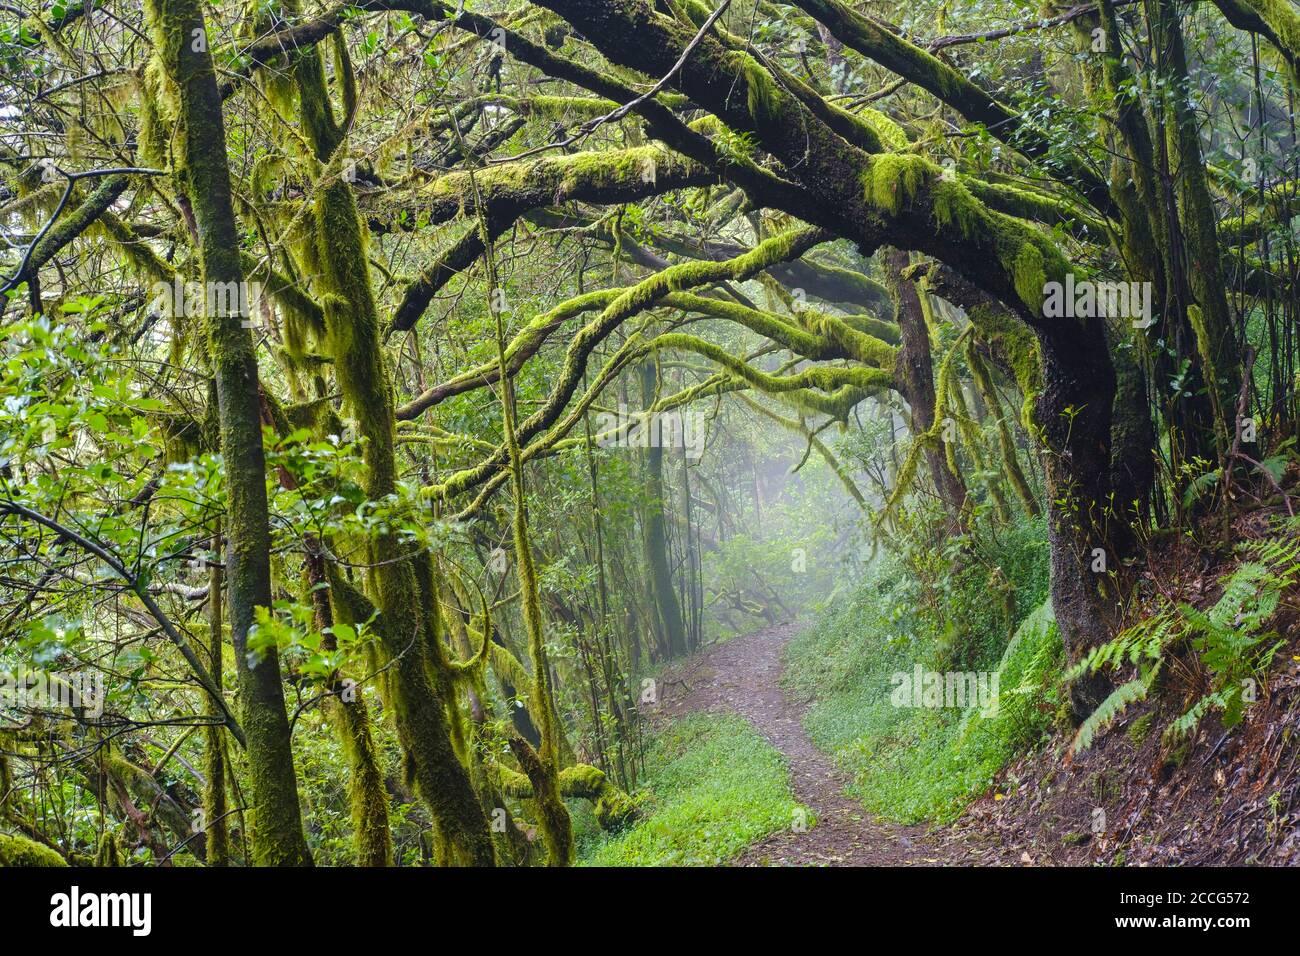 Sentier forestier dans la forêt nuageuse à El Cedro, Parc national de Garajonay, la Gomera, Îles Canaries, Espagne Banque D'Images